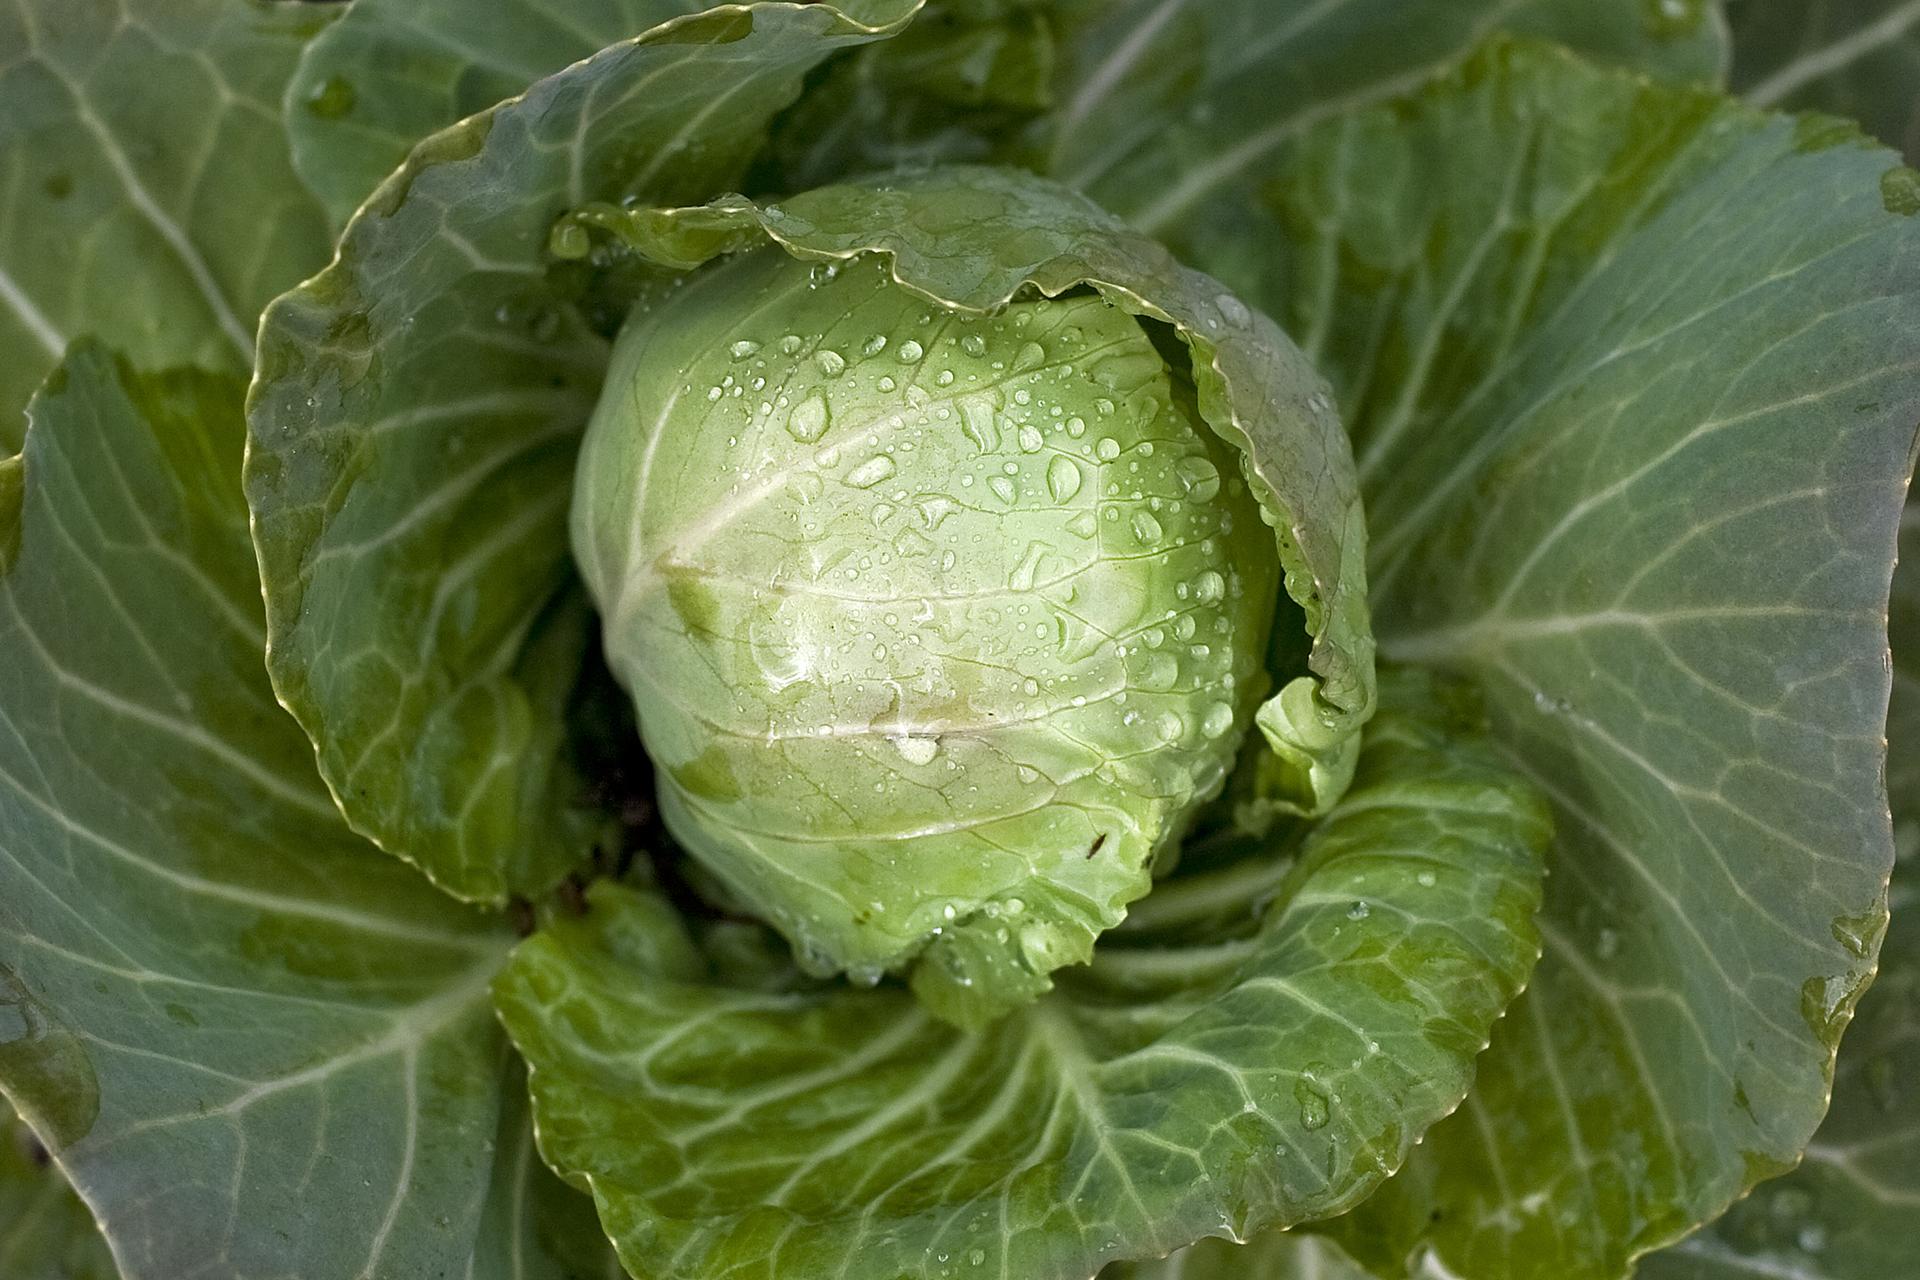 Fotografia przedstawia kapustę. Jasno zielone liście są zwinięte wgłówkę, ciemnozielona rozpościerają się na boki. Kapusta jest rośliną dwuletnią.